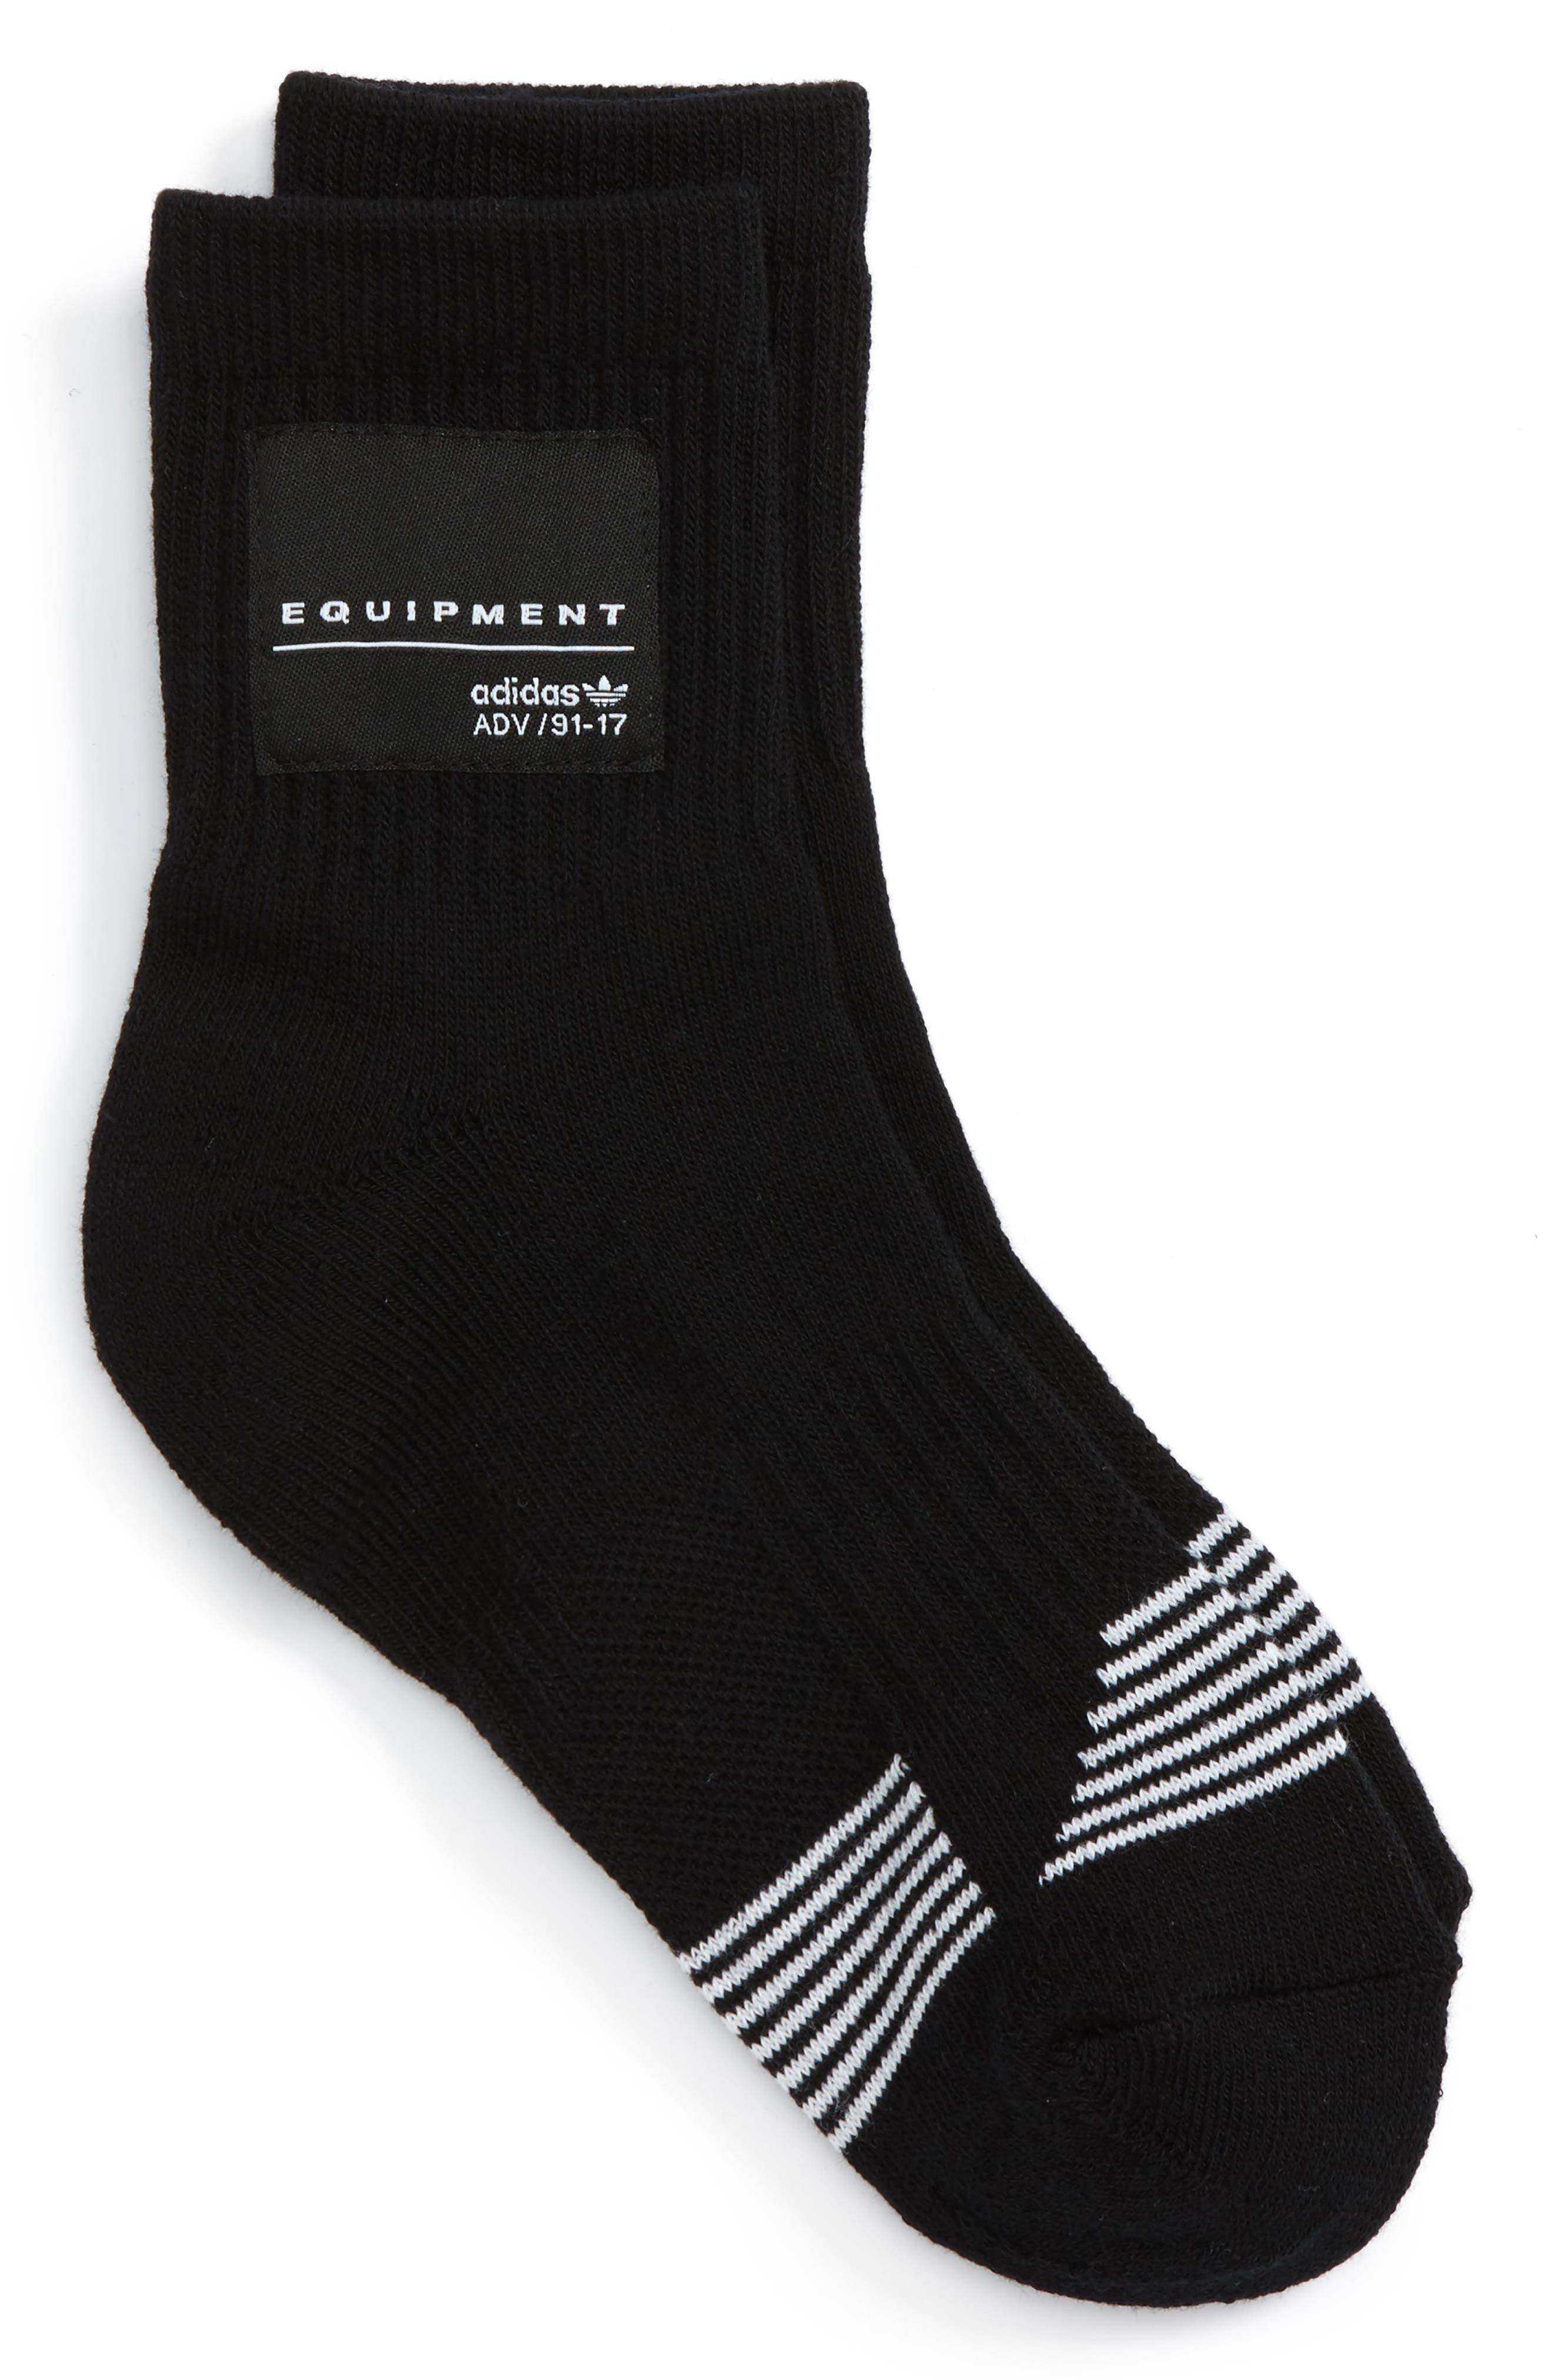 adidas Originals Equipment Crew Socks